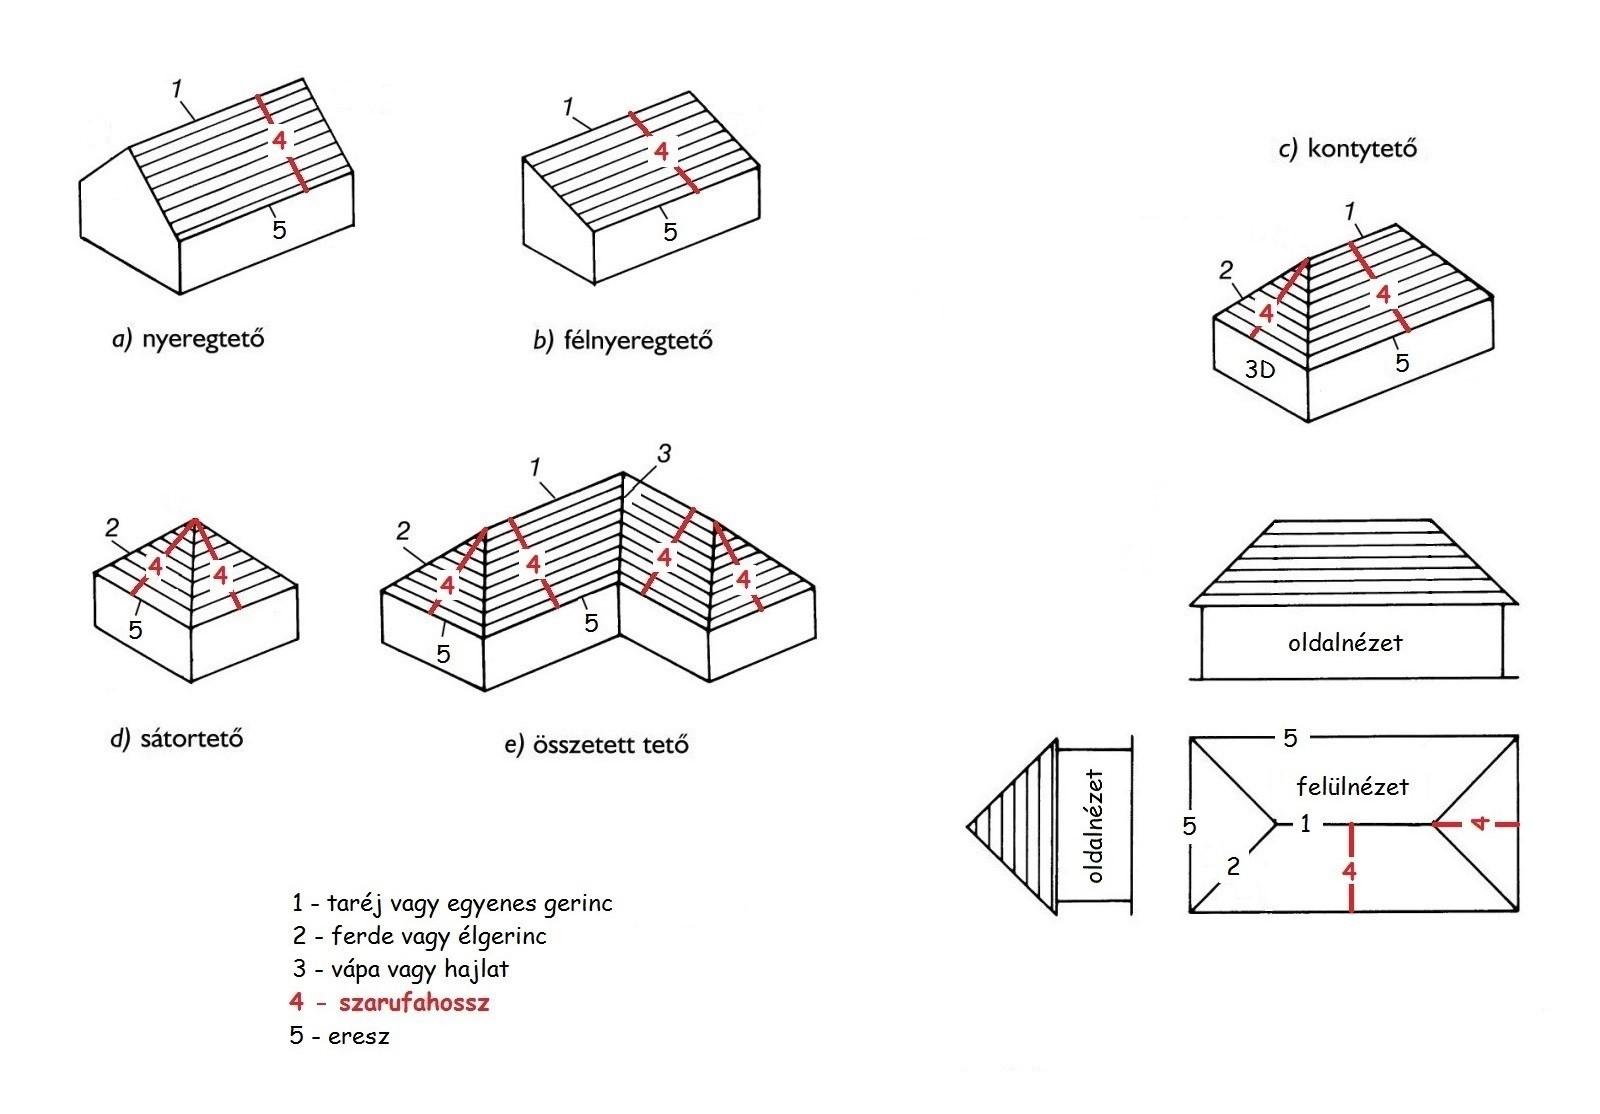 tetőformák és méretek